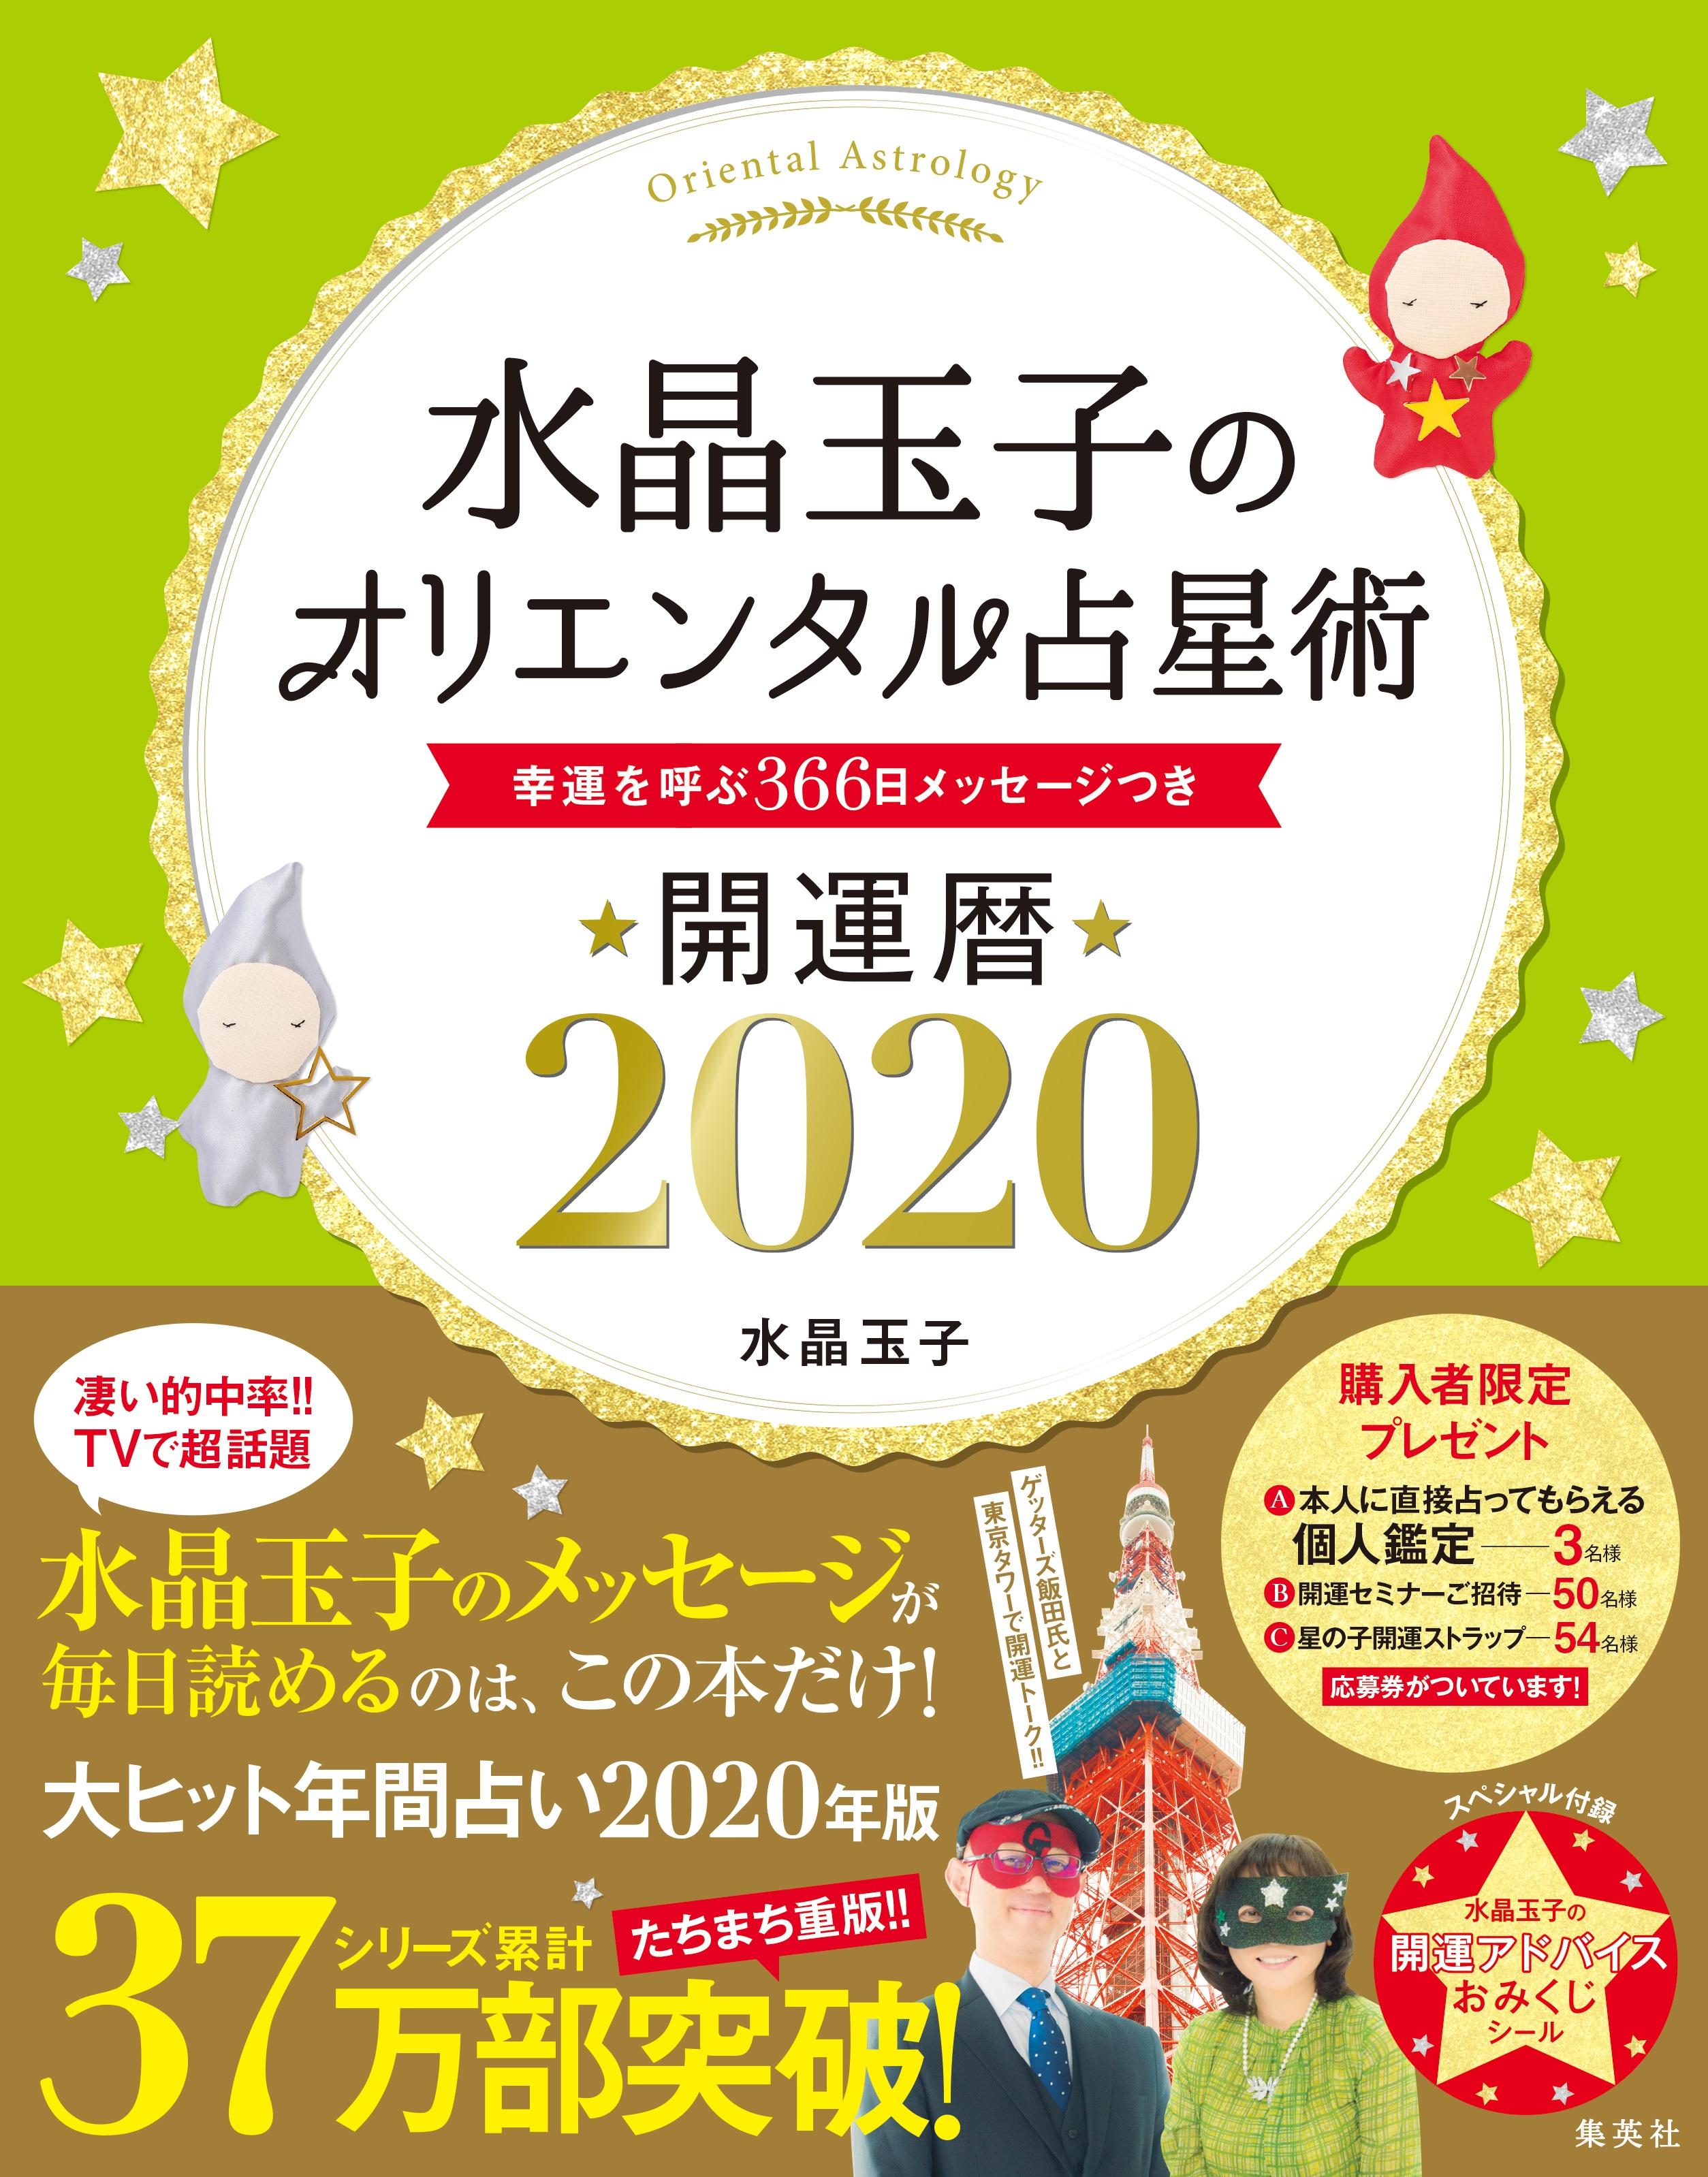 累計37万部突破!! 『水晶玉子のオリエンタル占星術 幸運を呼ぶ366日メッセージつき 開運暦2020』